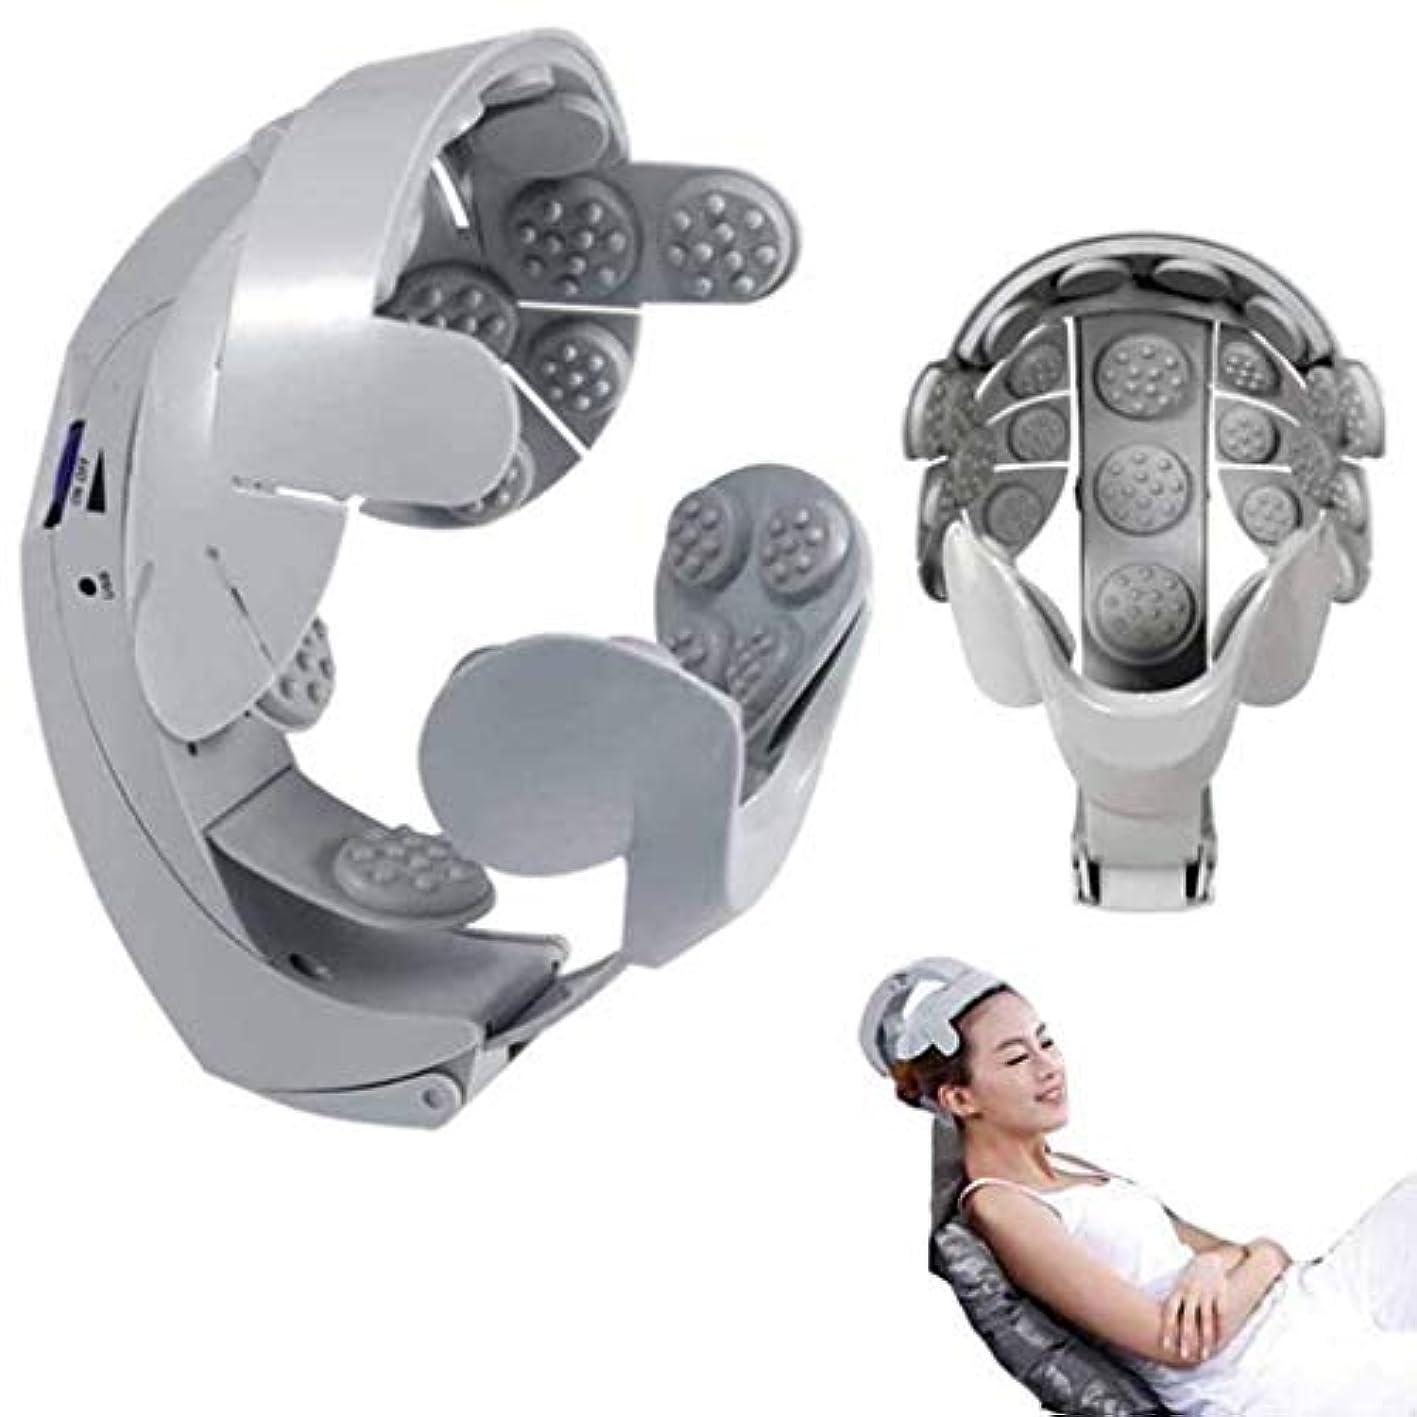 隠された潮作ります電気ヘッドマッサージャー、8調整可能なヘルメット頭皮鍼治療のポイント、ユーザーフレンドリーなデザイン、脳マッサージは簡単です